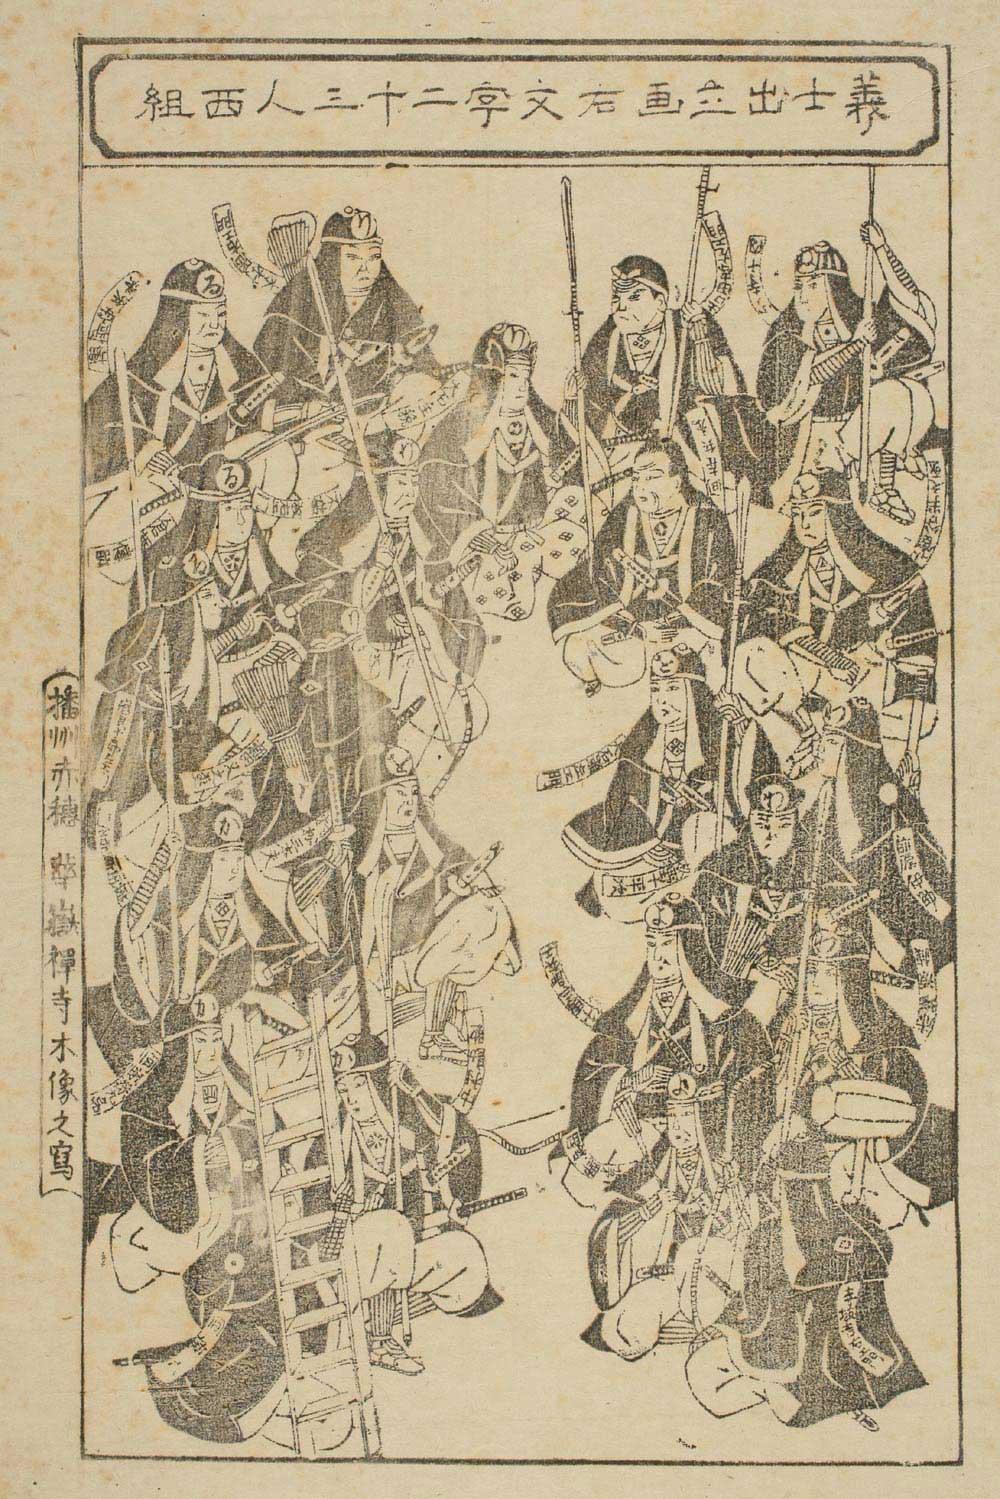 義士東西組出立図 ひょうご歴史の道 ~江戸時代の旅と名所~ ひょうご歴史の道 ~ 江戸時代の旅と